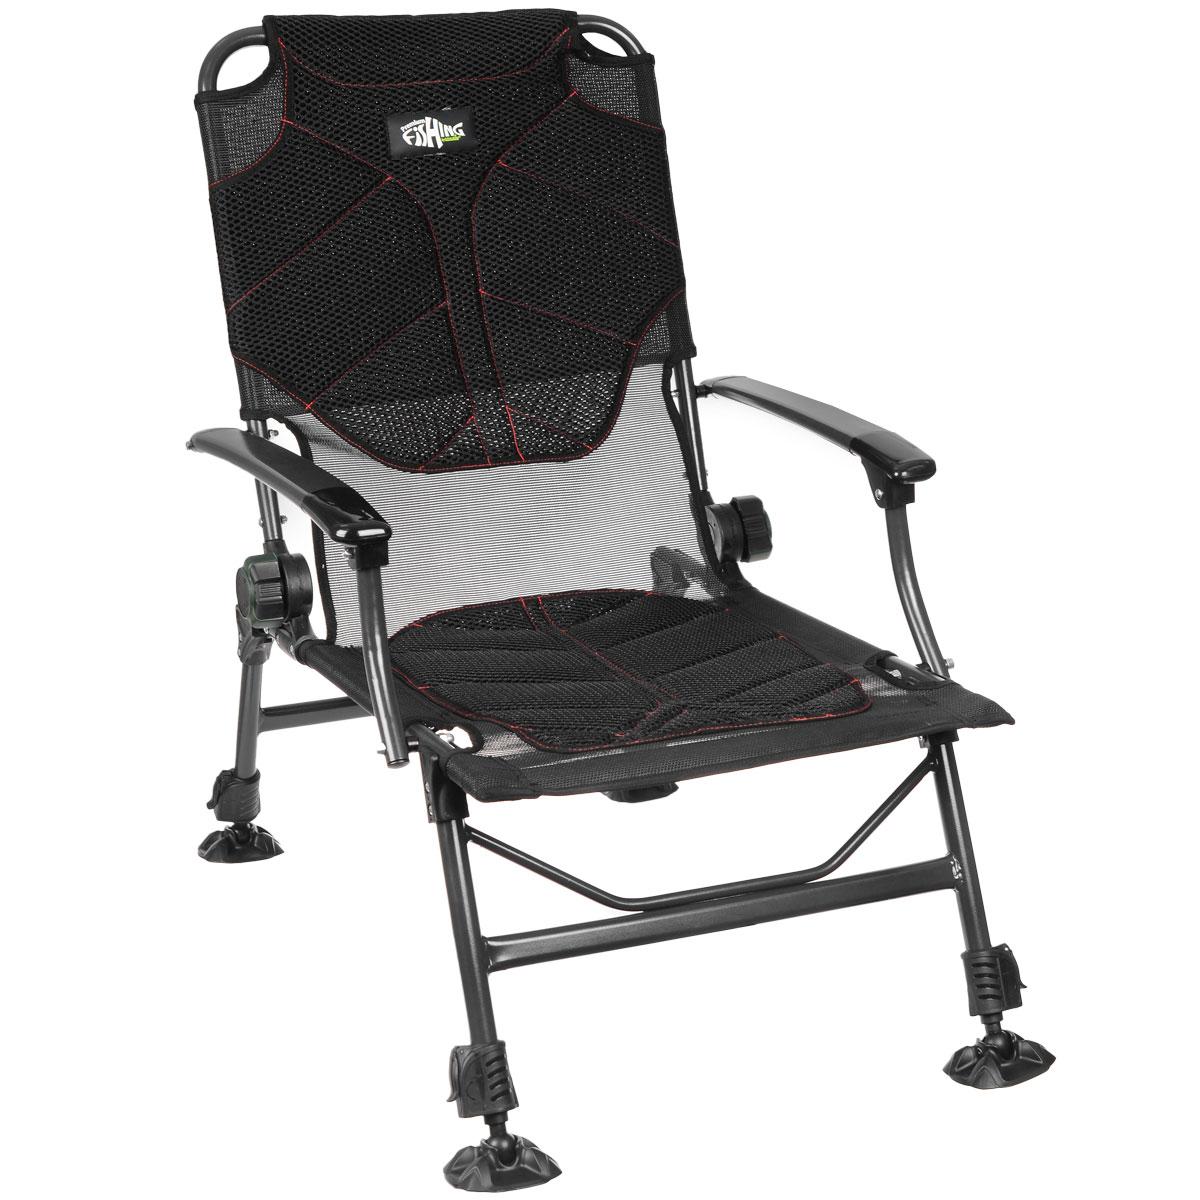 Кресло карповое Norfin Manchester NF, 55 см х 52 см х 97 смNFL-20207Кресло складное Norfin Manchester NF - это отличный выбор для рыболовов. Уникально разработанный влагостойкий, дышащий матрас создает максимальный комфорт при любой погоде. В жару кресло будет проветриваться сквозь отверстия сетки в сиденье и на спинке, в дождь оно будет пропускать влагу и быстро сохнуть. Наклон спинки регулируется. Кресло имеет ножки с возможностью независимой регулировки высоты и широкими опорами.